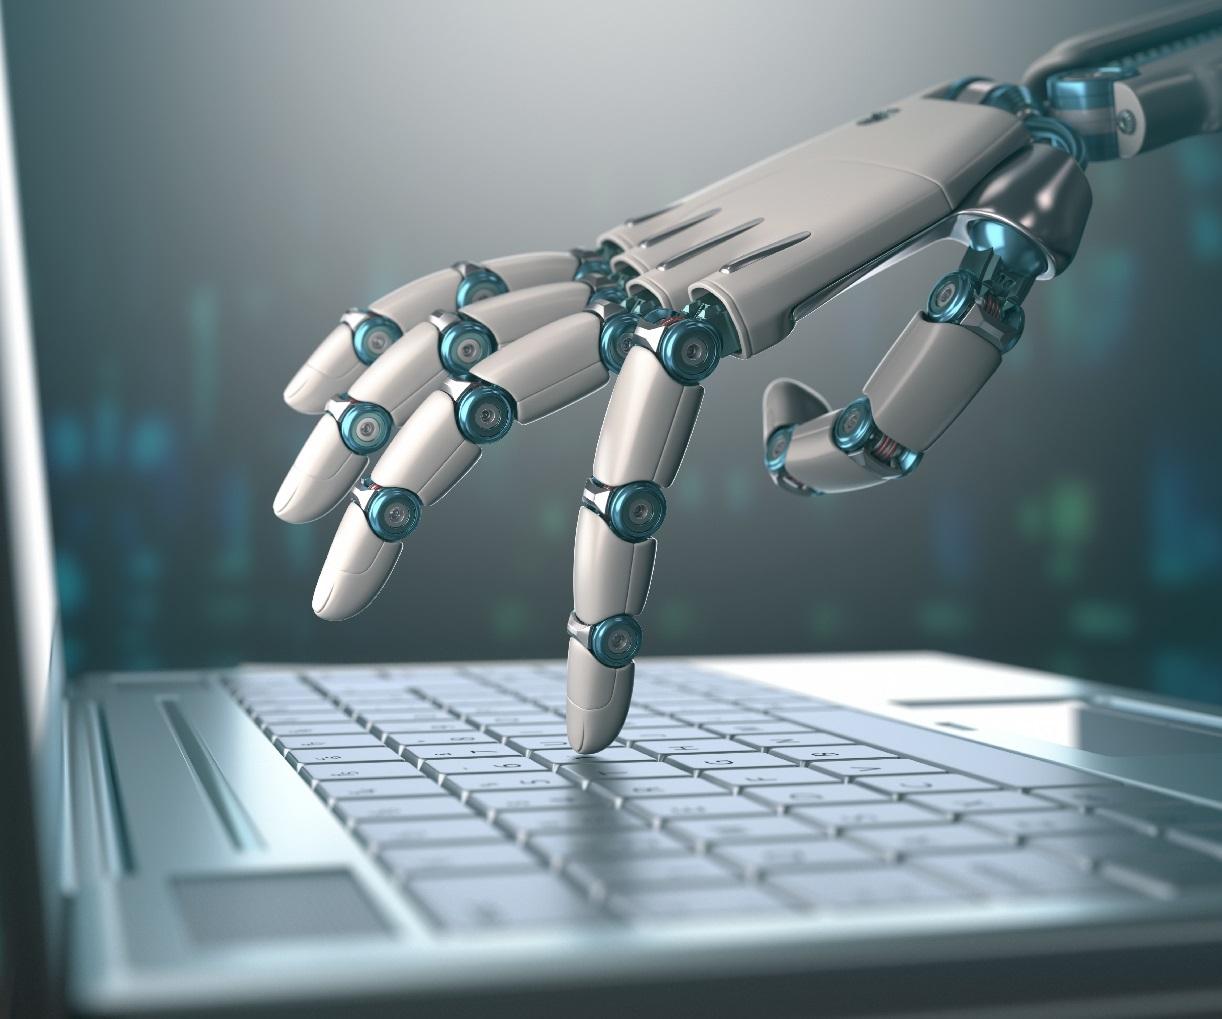 8 tendencias tecnológicas que marcarán 2018